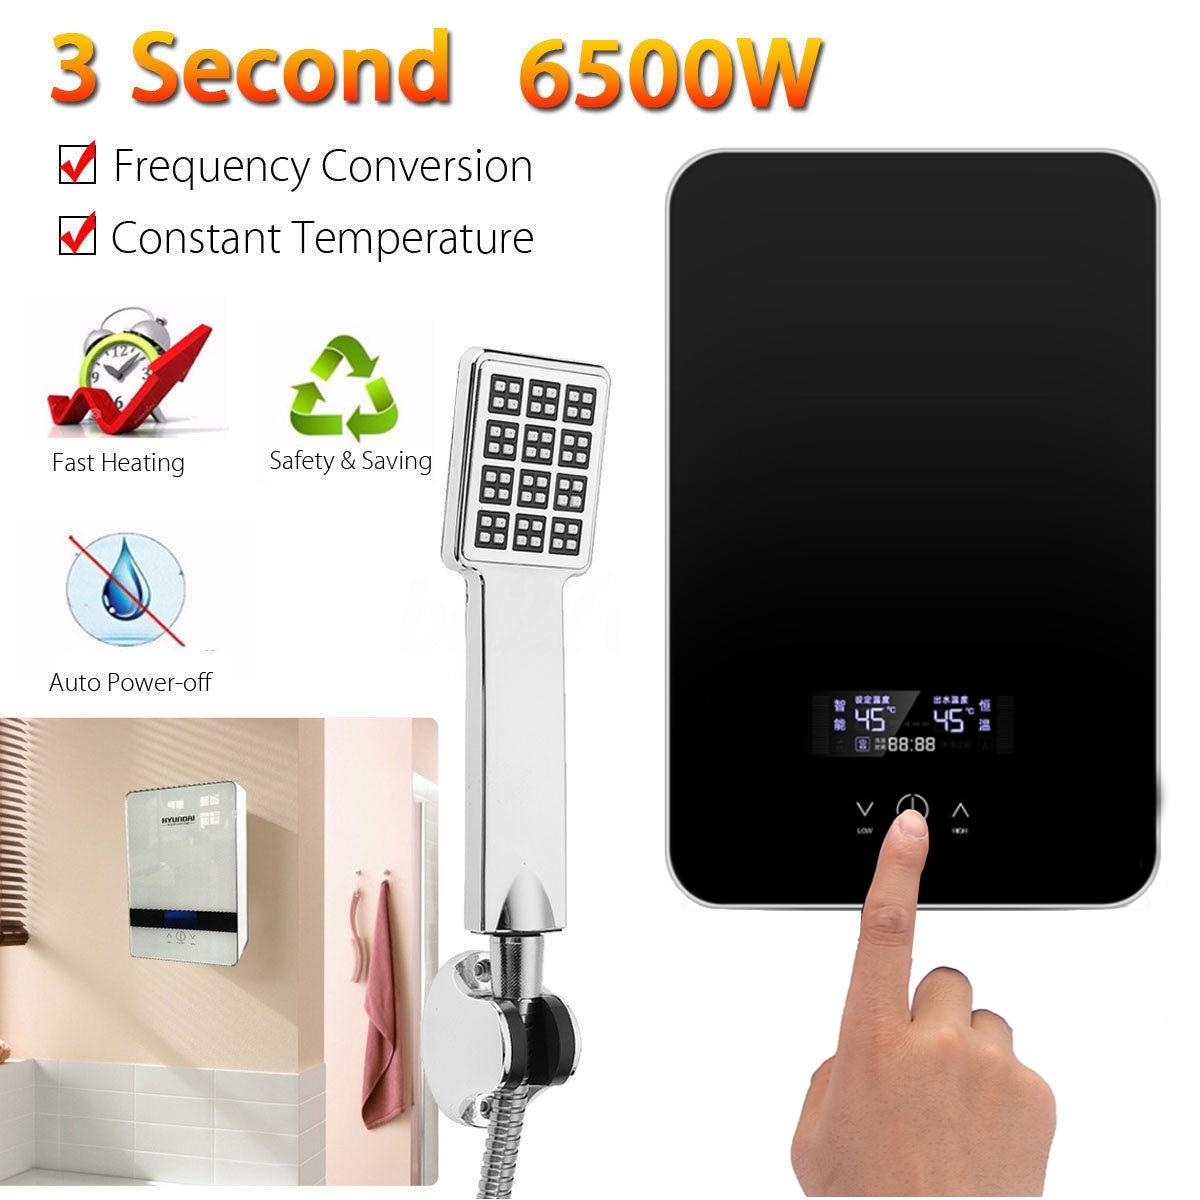 6500 واط 220 فولت الكهربائية الساخن Tankless سخان مياه الحمام المطبخ لحظة سخان مياه درجة الحرارة عرض التدفئة دش العالمي